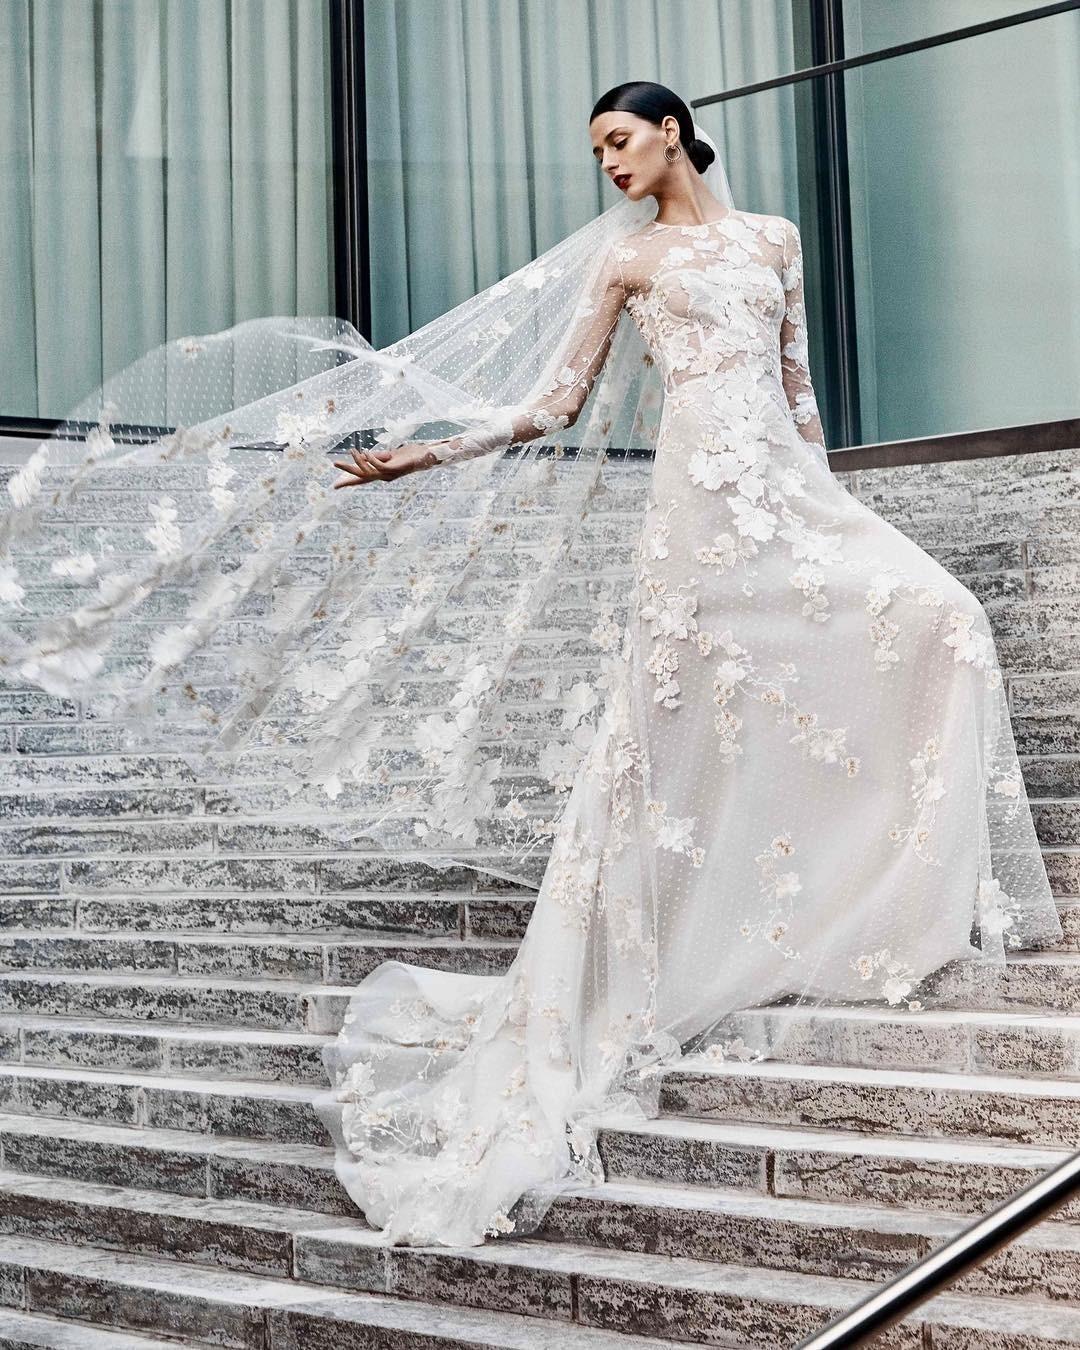 Динамичные 3D цветы — популярная текстурная деталь на платьях в последних дизайнерских коллекциях. Речь идет об аппликациях в виде цветов из кружева, тюля или шелка, каскадно или точечно...